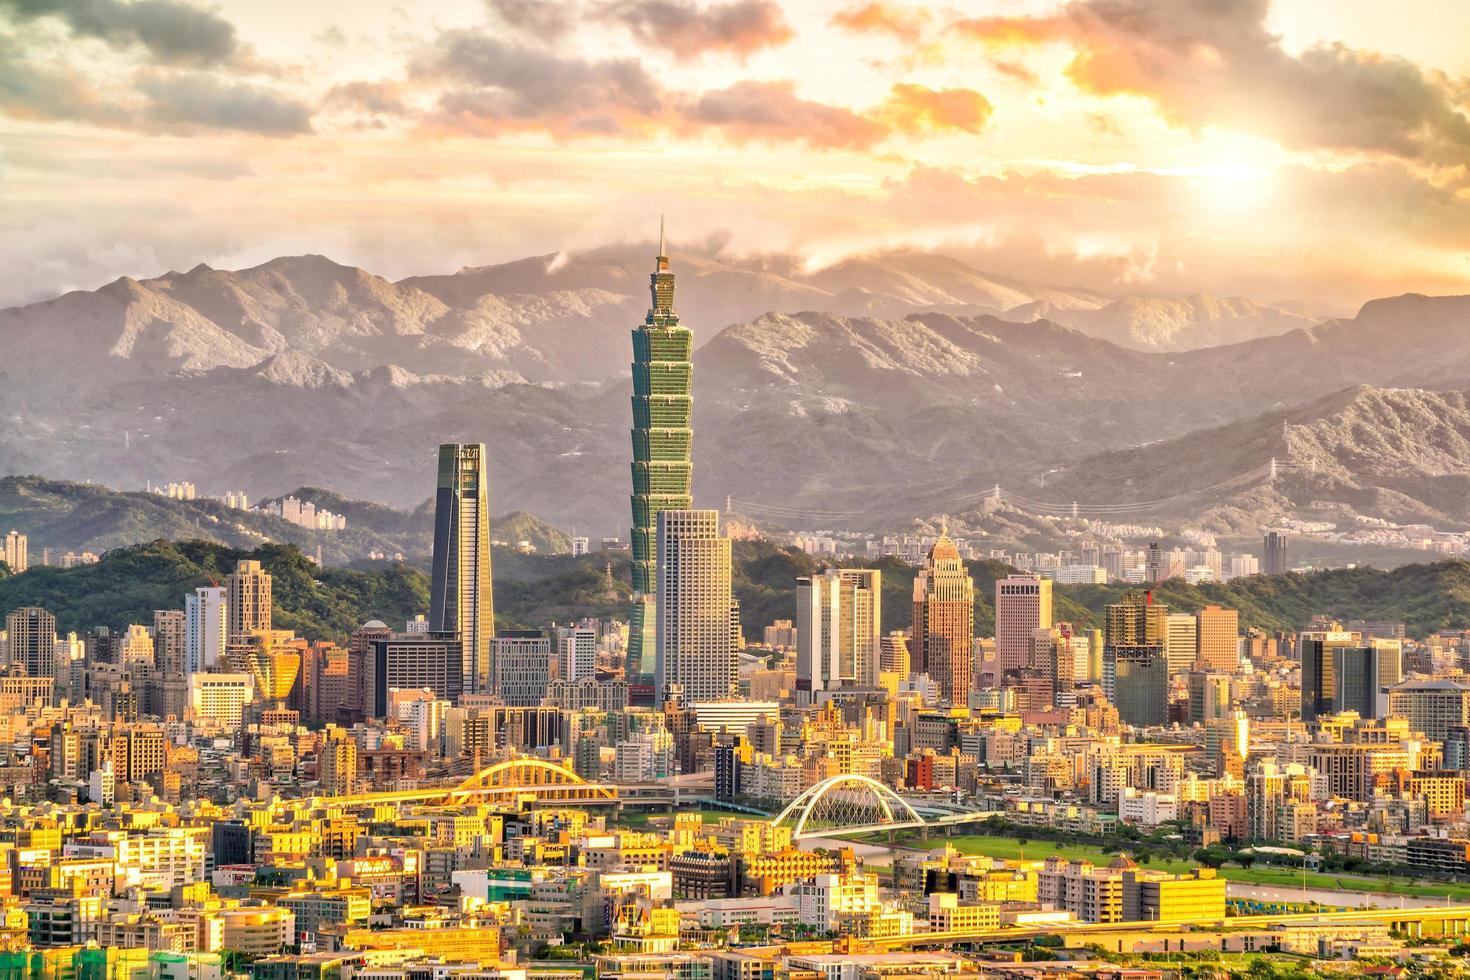 Taipei city skyline photo